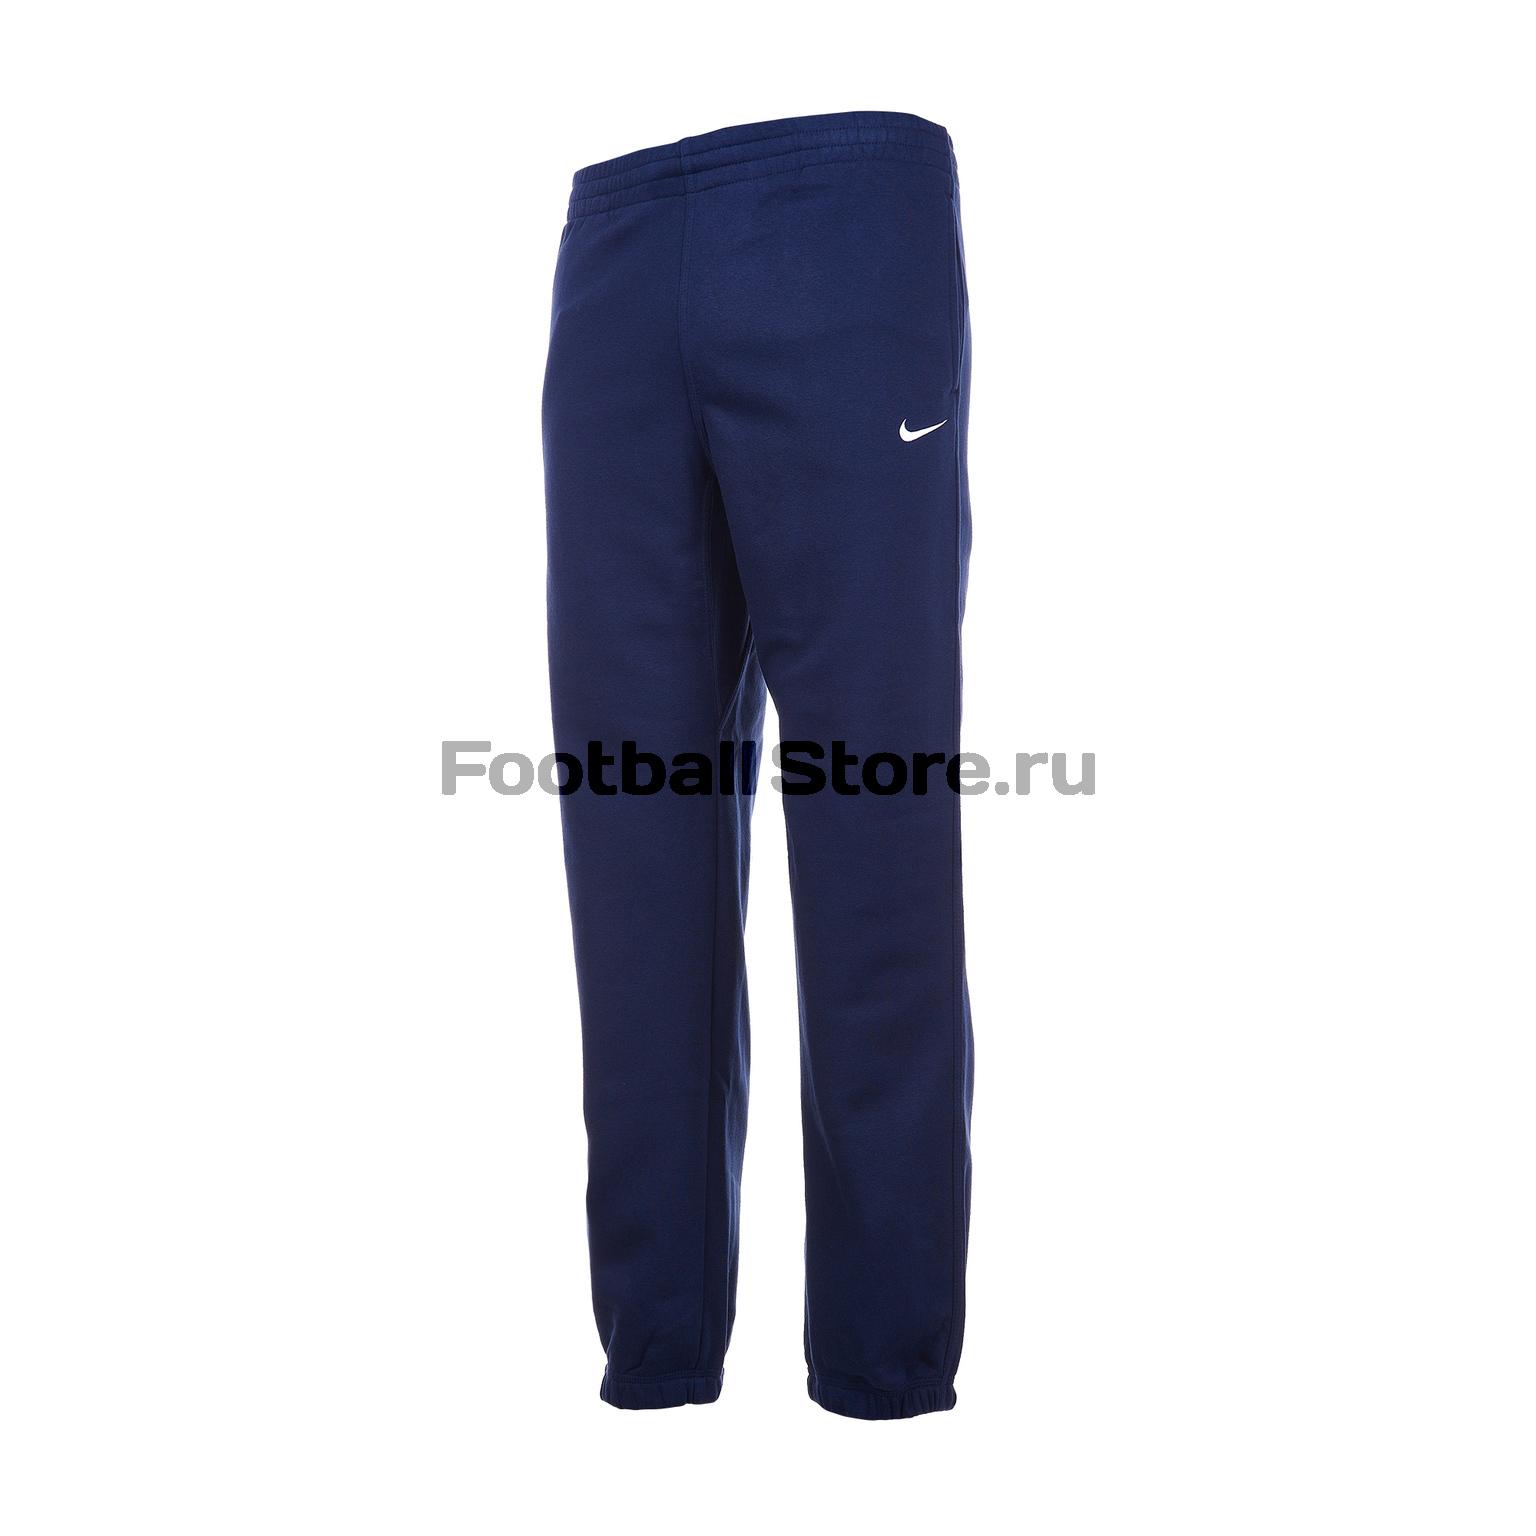 Брюки тренировочные подростковые Nike N45 Cuff Pant 619089-451